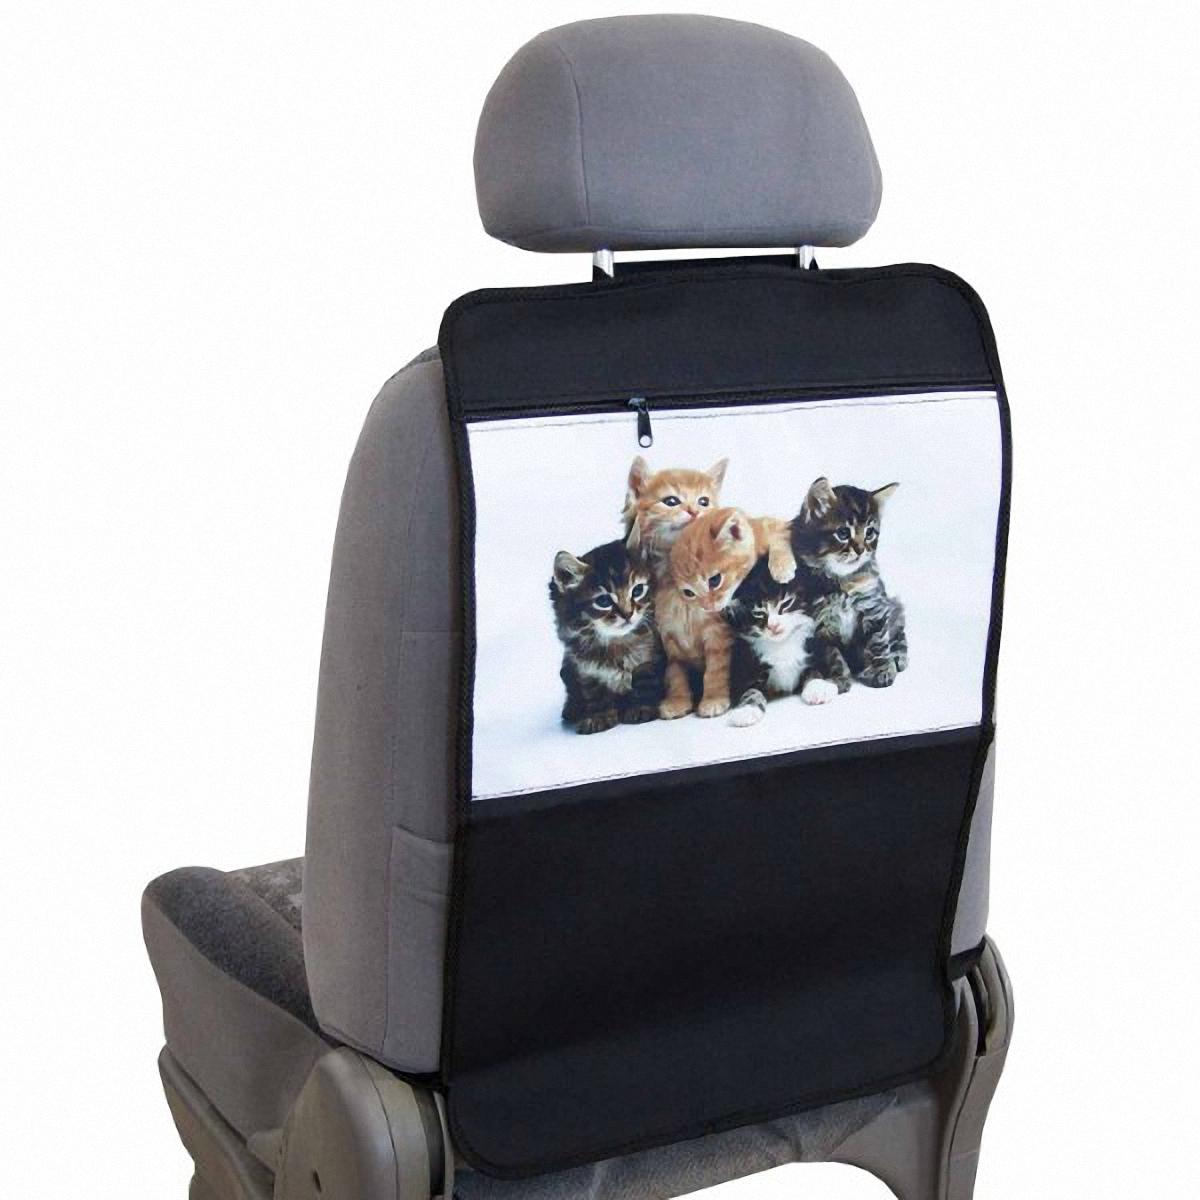 Накидка-органайзер защитная Skyway Котята, на спинку сидения, 37 х 55 см. S06101004S06101004Защитная накидка-органайзер Skyway Котята изготовлена из из материалов, отличающихся высокими эксплуатационными характеристиками, благодаря чему в течение длительного времени сохраняют презентабельный внешний вид. Ткань накидки устойчива к механическому воздействию, а также является достаточно прочной и плотной для того, чтобы не пропустить жидкости и другие источники загрязнений к обивке сидений. А рисунок в виде котят порадует вашего ребенка. Размер изделия: 37 х 55 см.